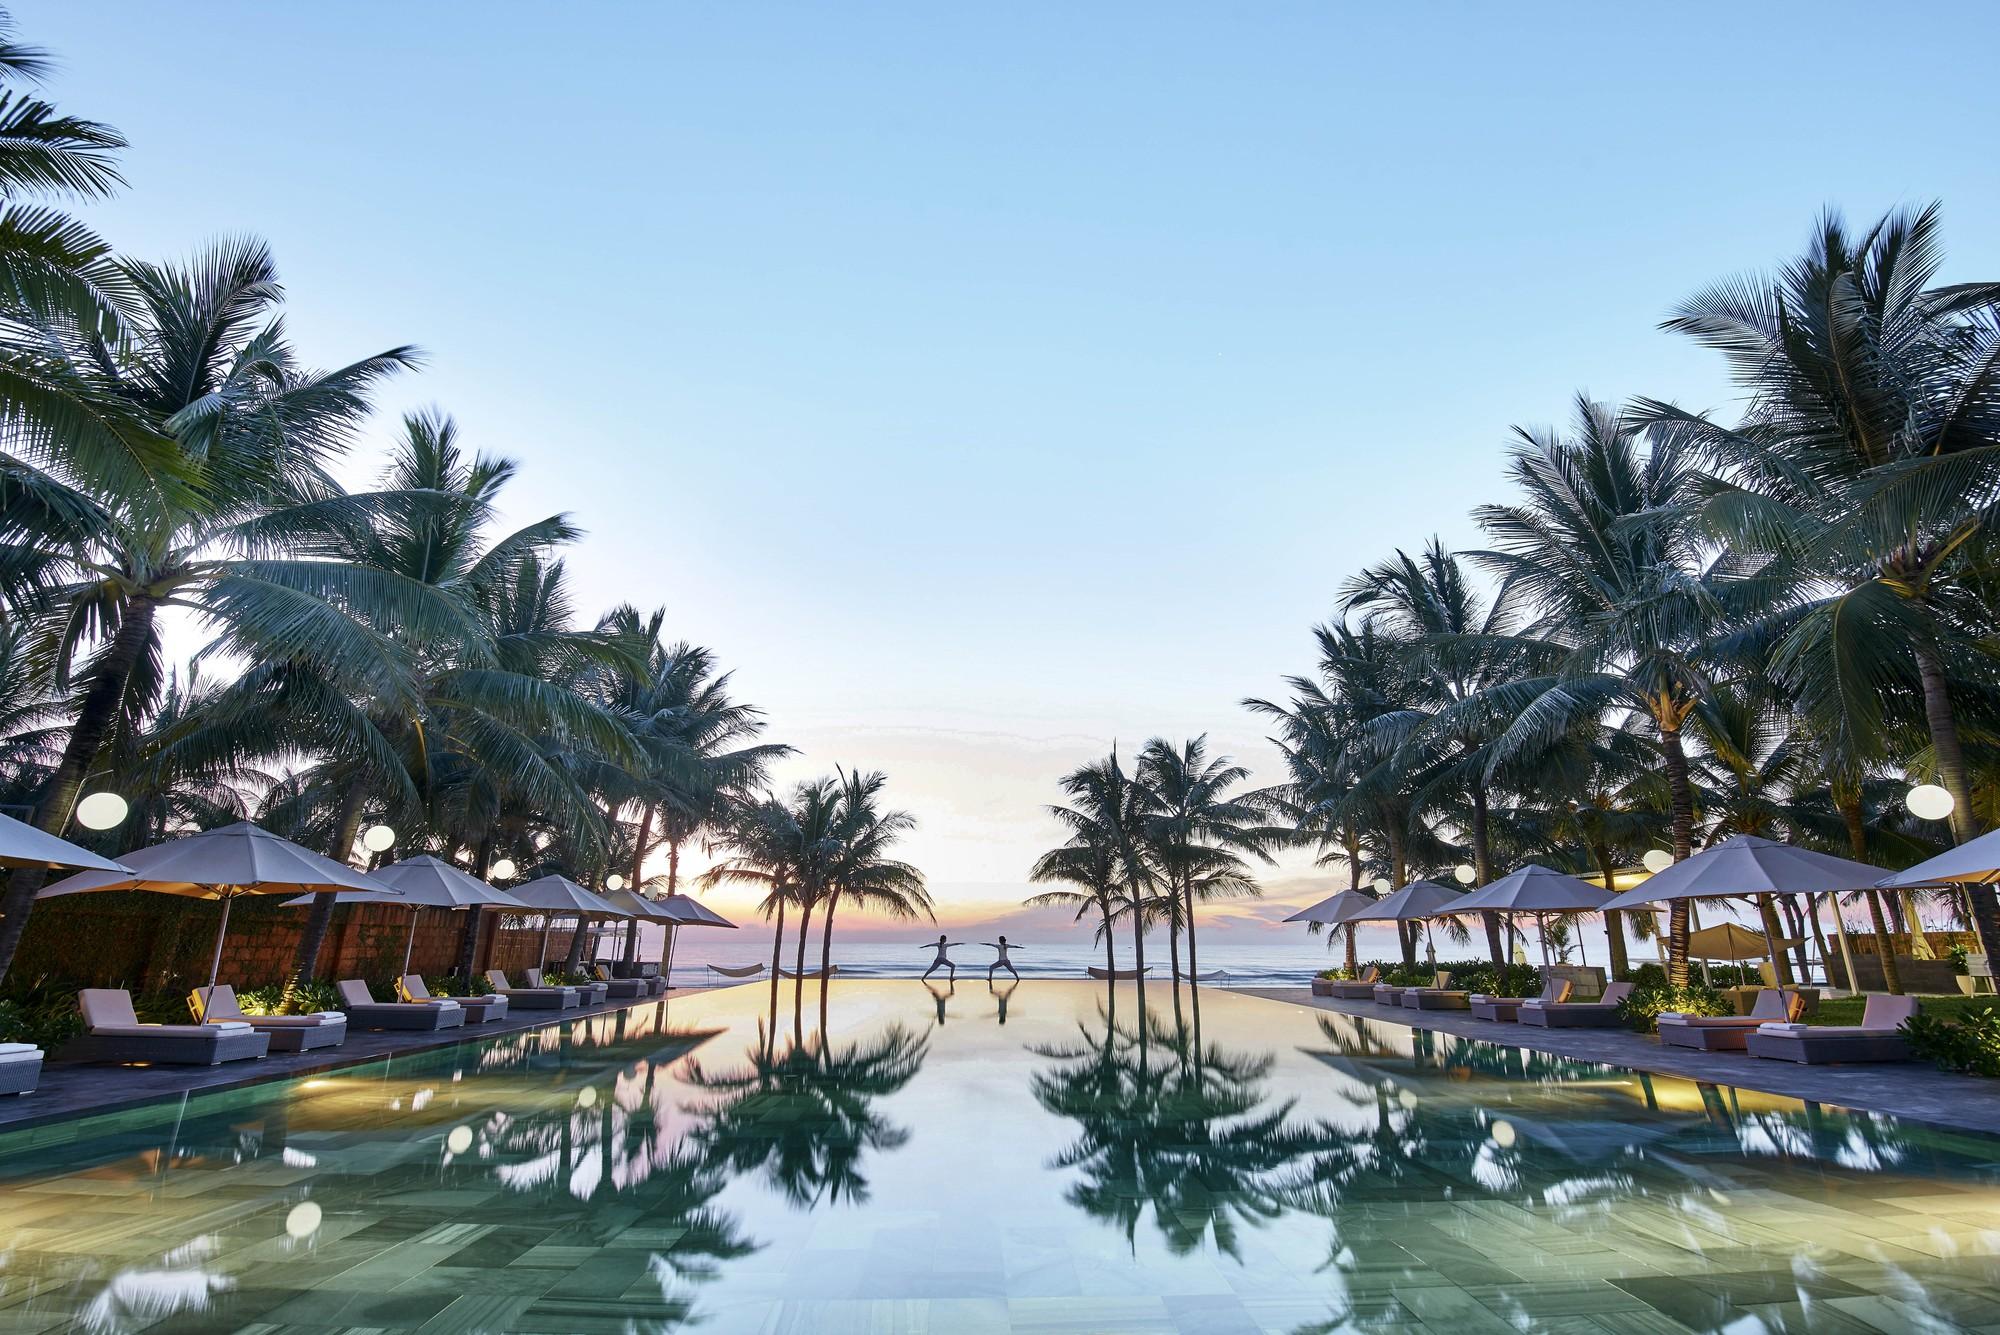 """Cơ hội vàng khám phá kỳ nghỉ """"Tĩnh dưỡng tâm và thân"""" độc đáo tại TIA Wellness Resort"""